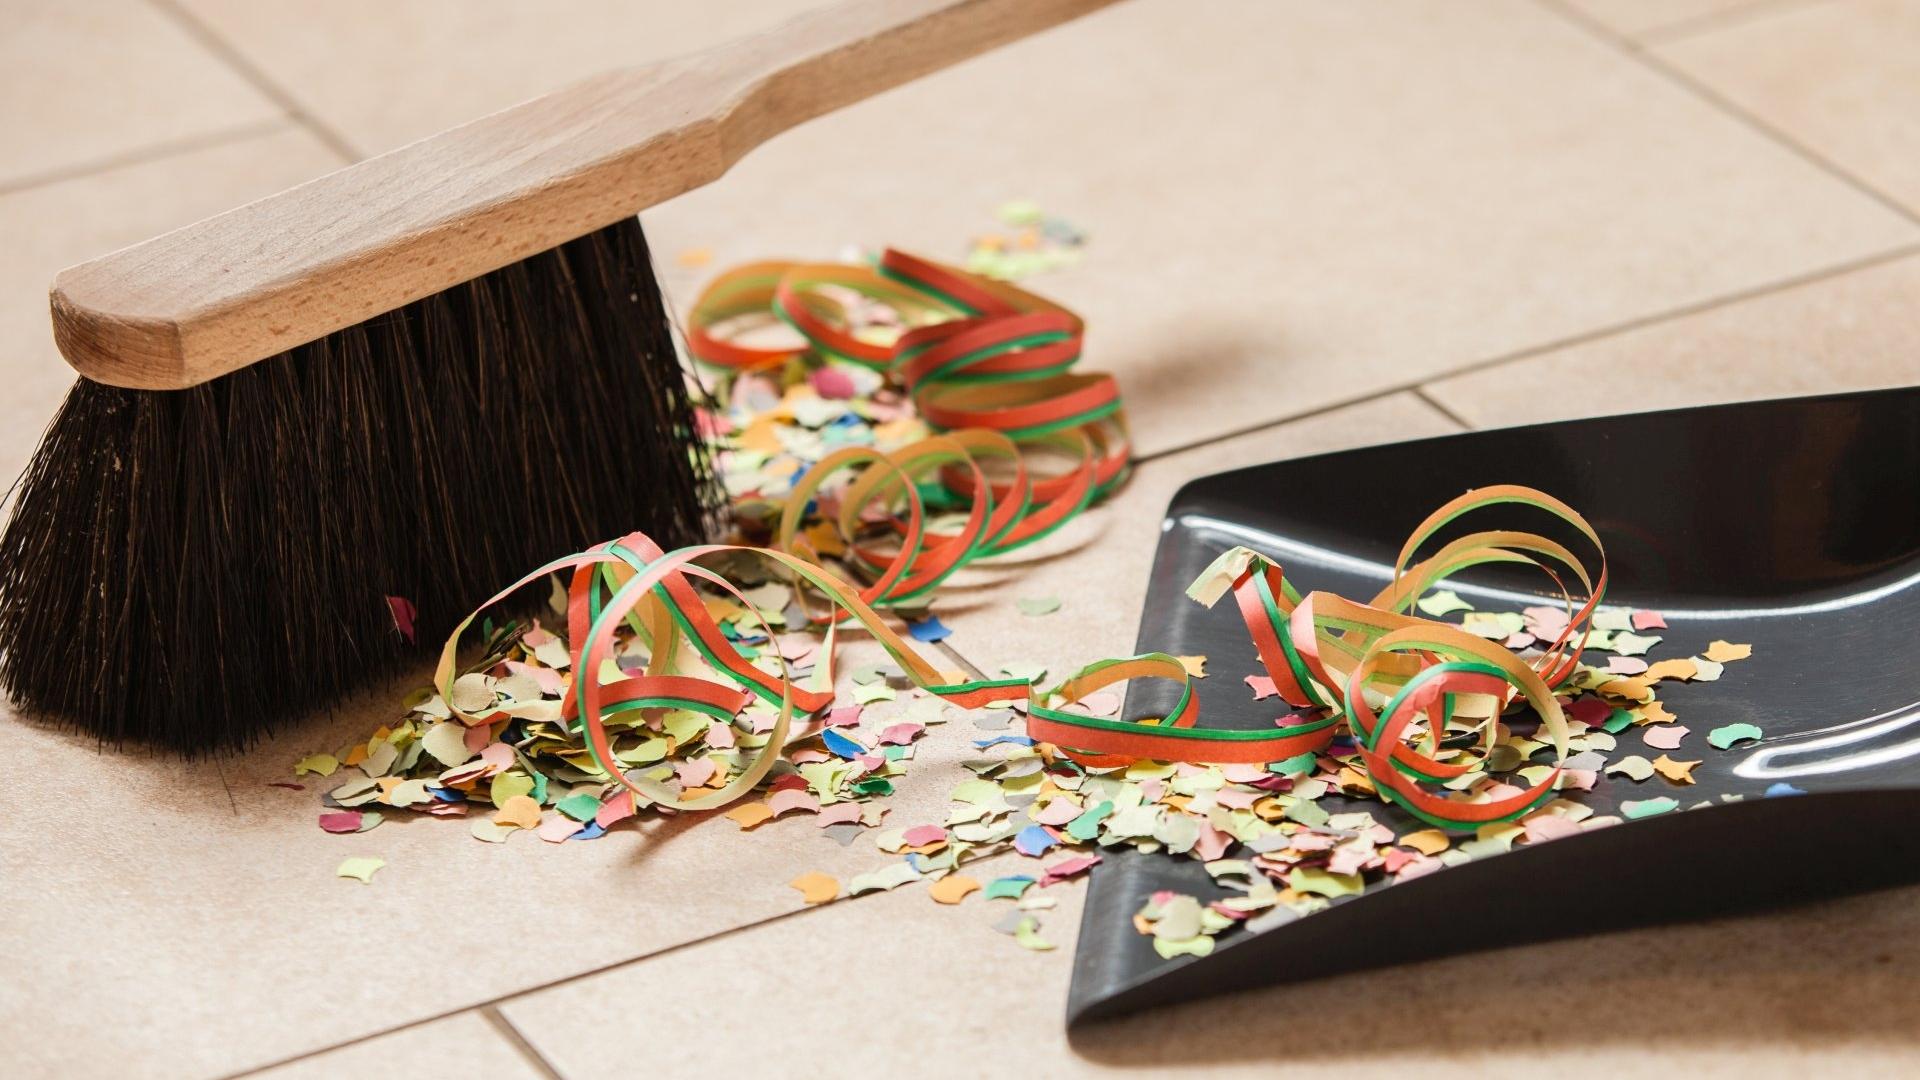 Sposoby na szybkie sprzątanie po imprezie